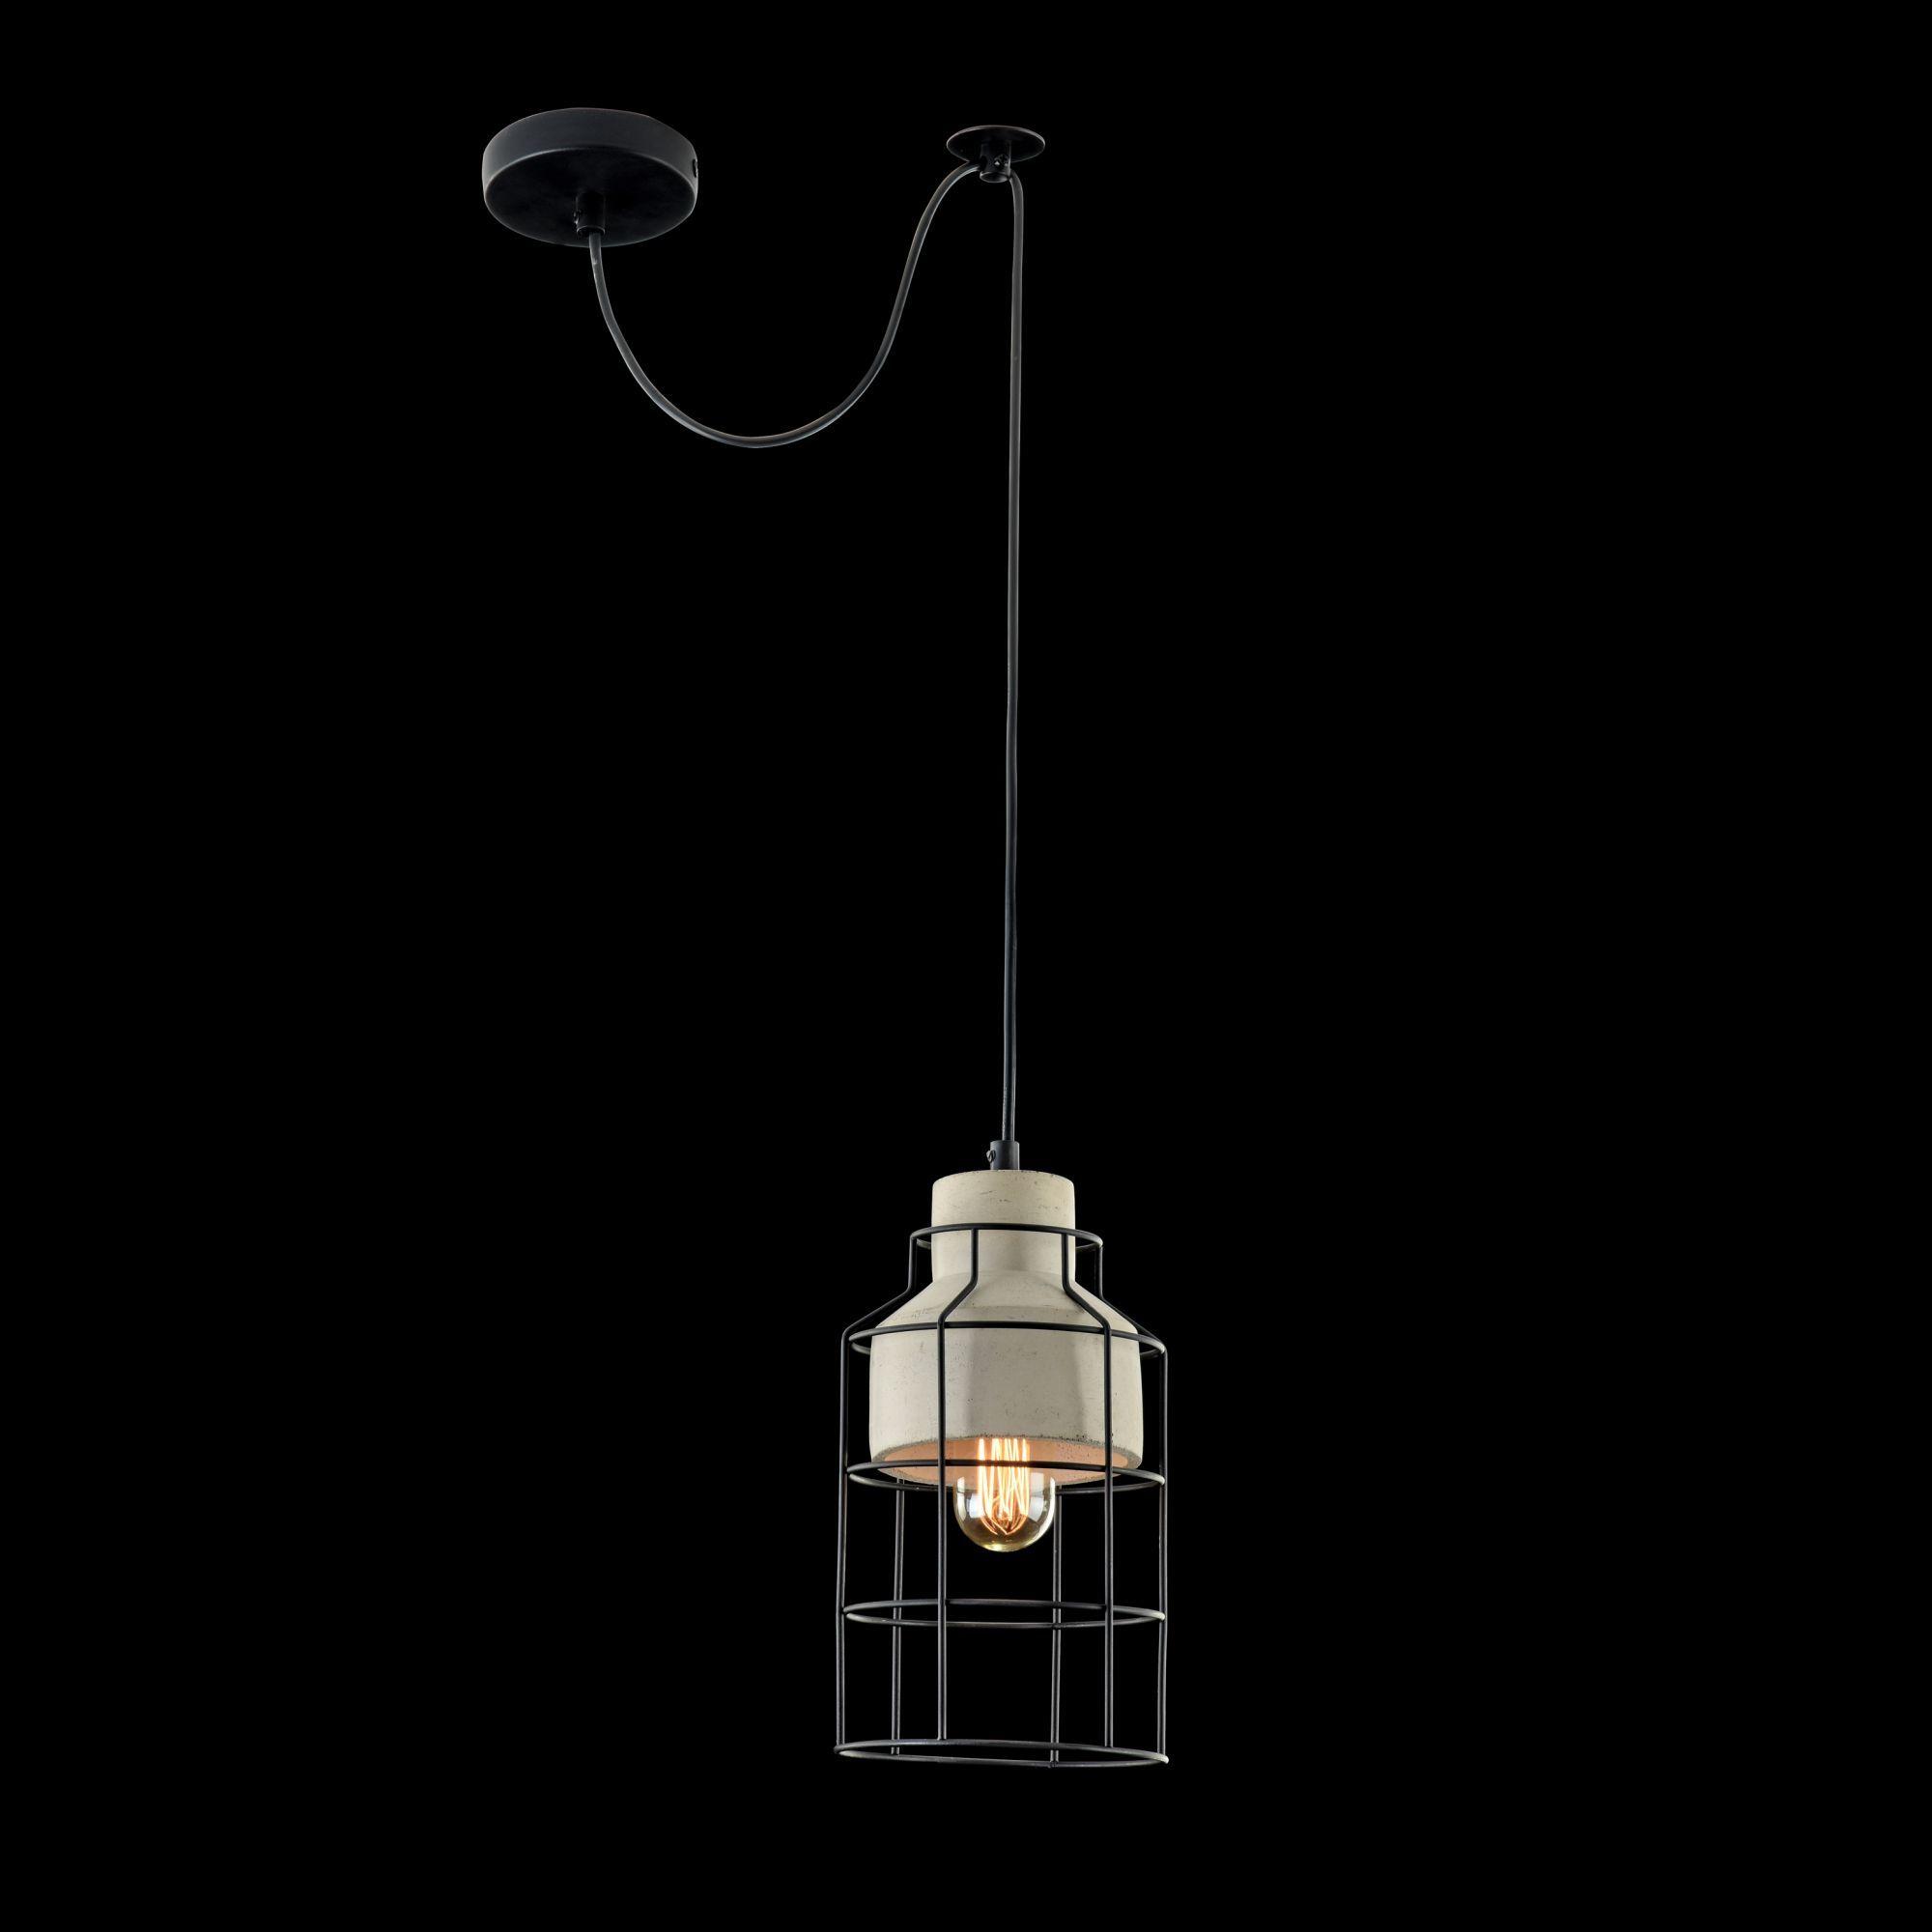 Подвесной светильник Maytoni Loft Gosford T441-PL-01-GR, 1xE27x60W, черный, серый, металл, металл с бетоном - фото 4